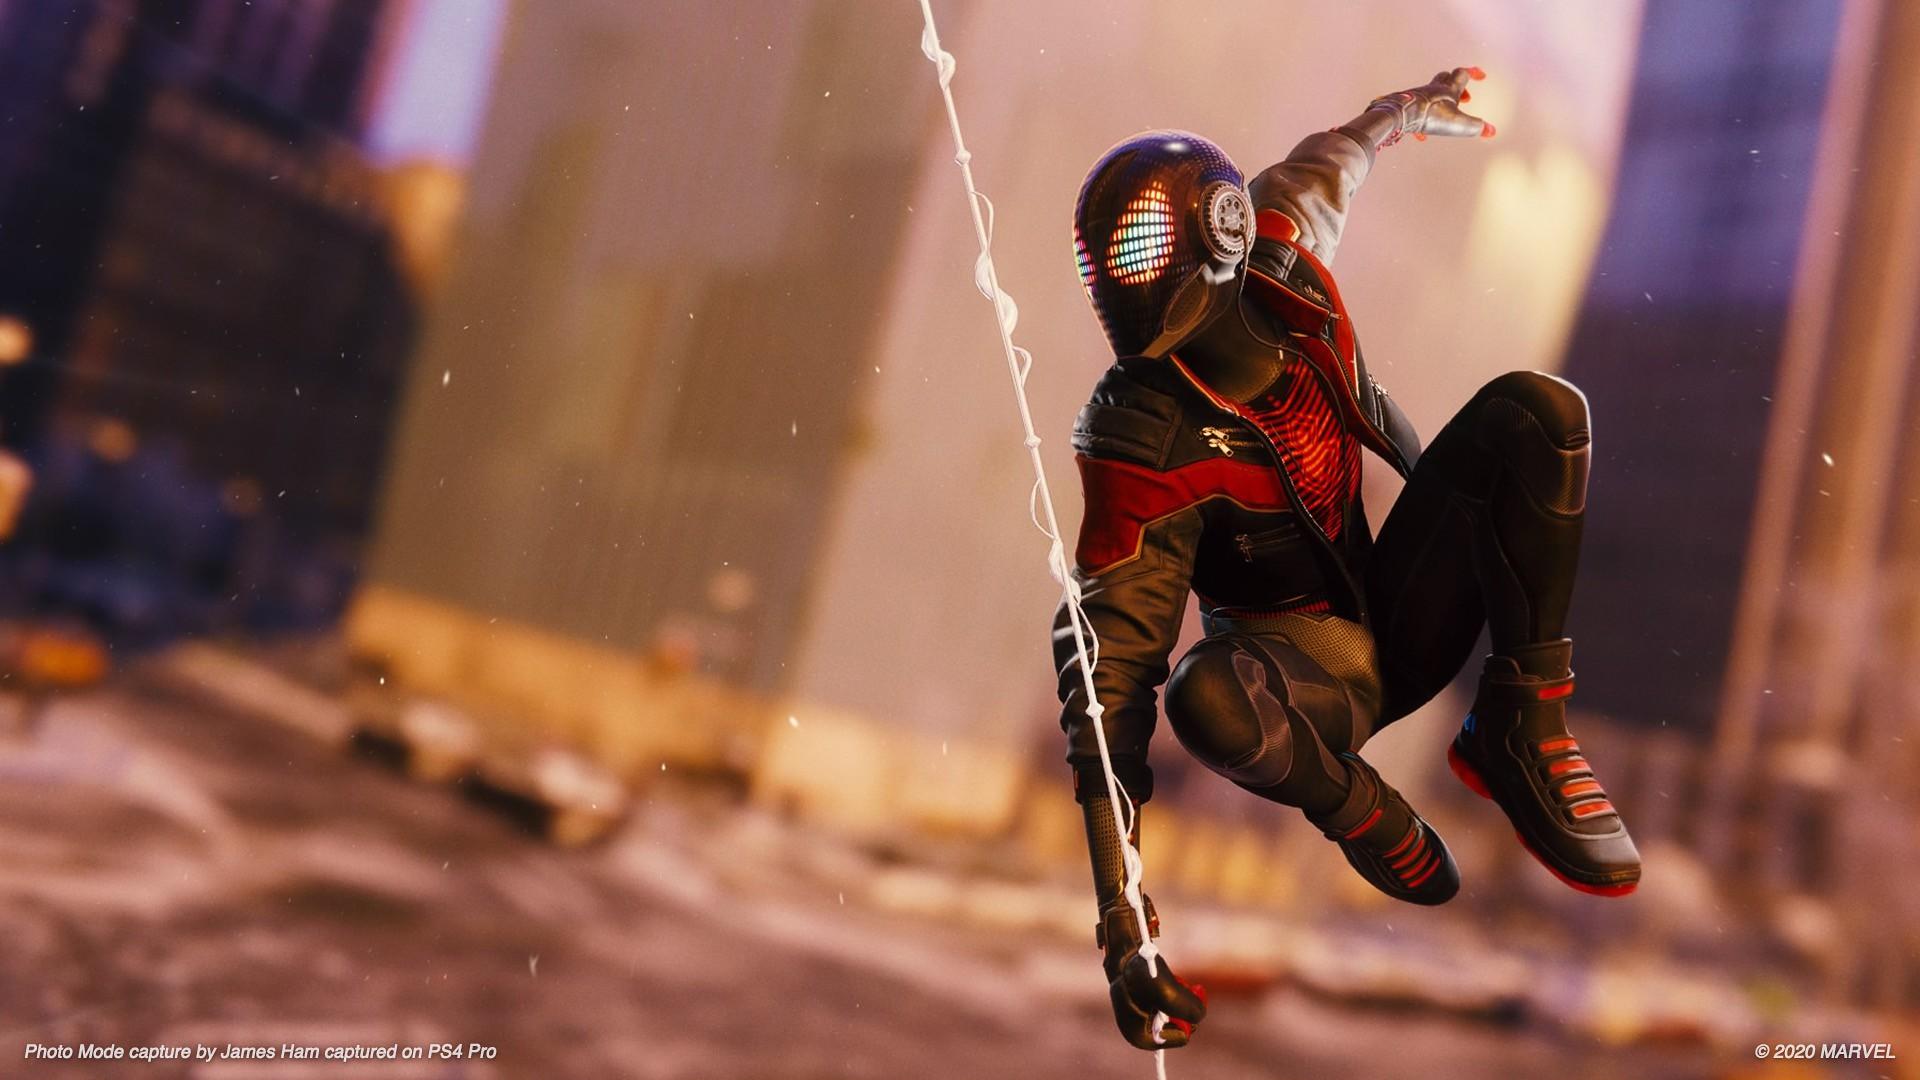 Человека-паука в рамочку и на стеночку: Insomniac Games представила улучшенный фоторежим для Marvel's Spider-Man: Miles Morales